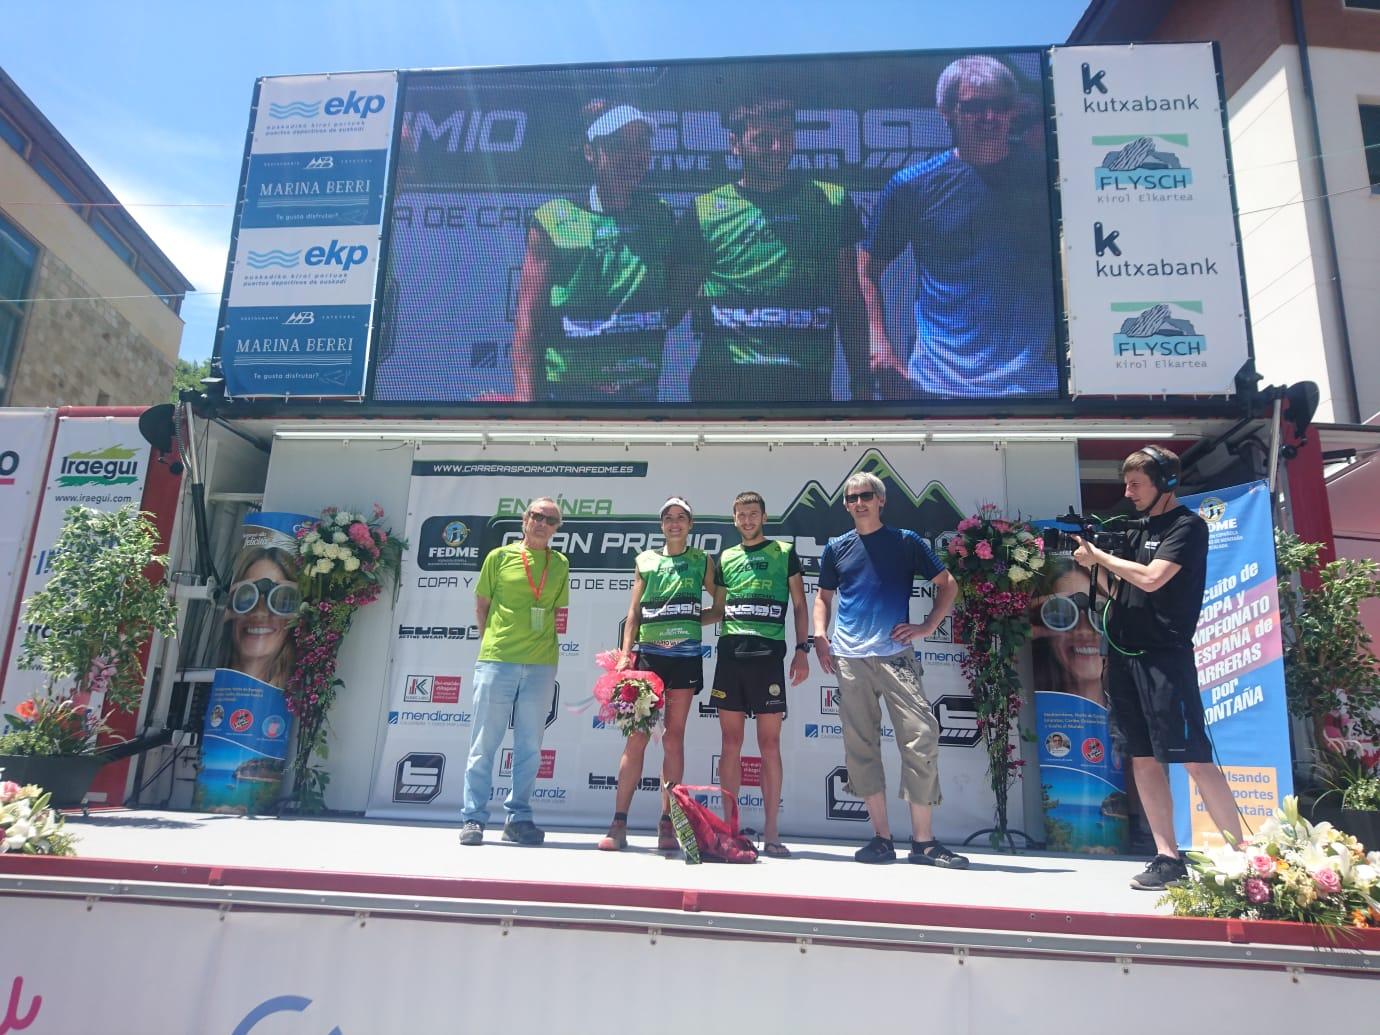 Walther Becerra y Sandra Sevillano vencedores de la ZUMAIA FLYSCH TRAIL, cuarta prueba de la Copa de España de Carreras por Montaña en Línea - FEDME -